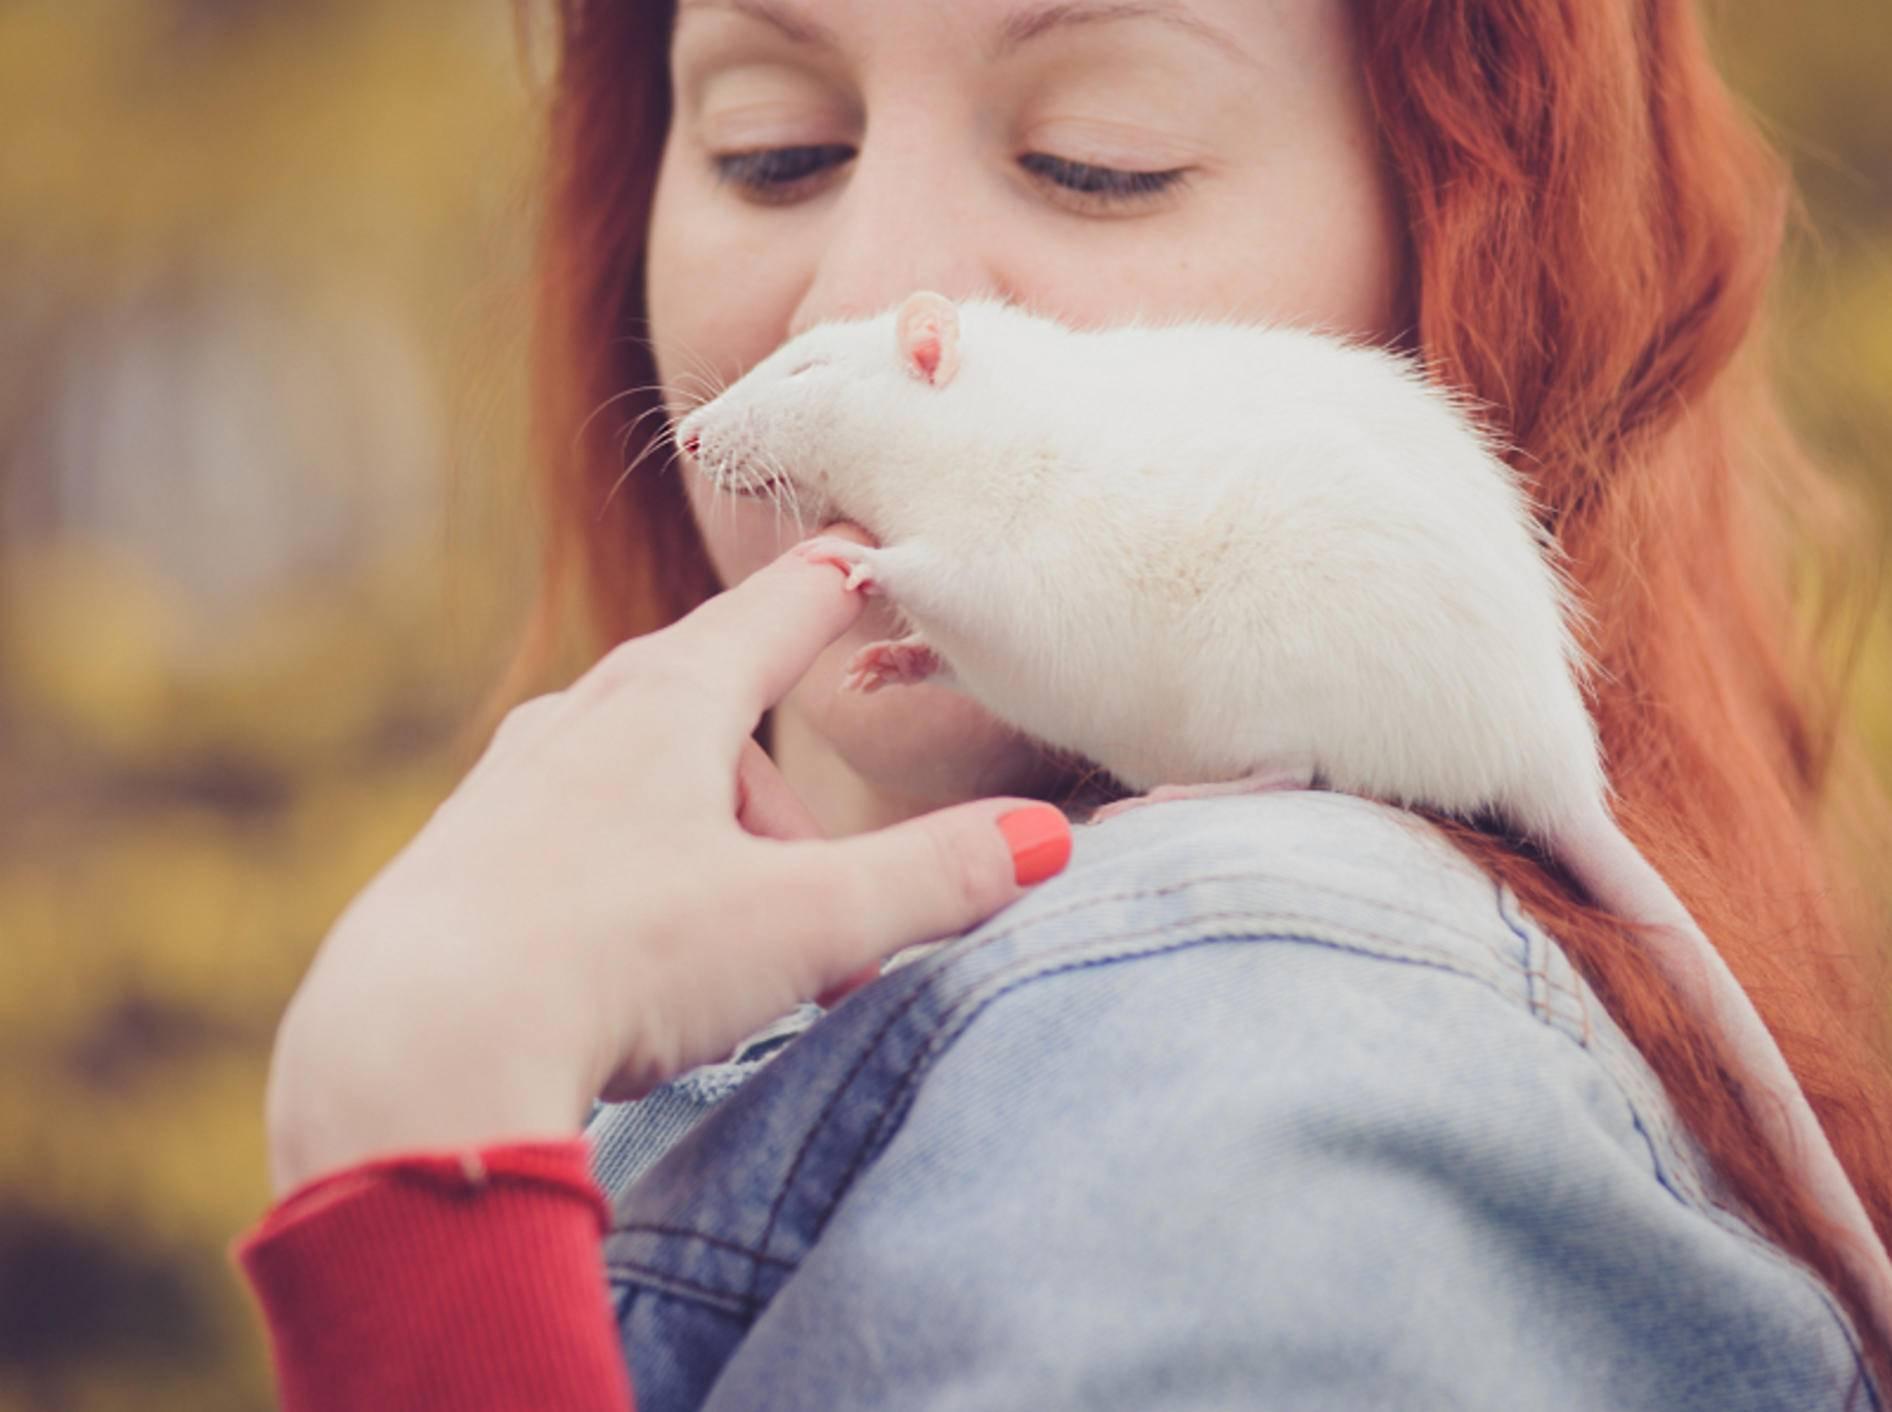 Ratten lieben neue Umgebungen. Sind sie zahm, können Sie mit den Nagern auch nach draußen! – Shutterstock / Darina Matasova